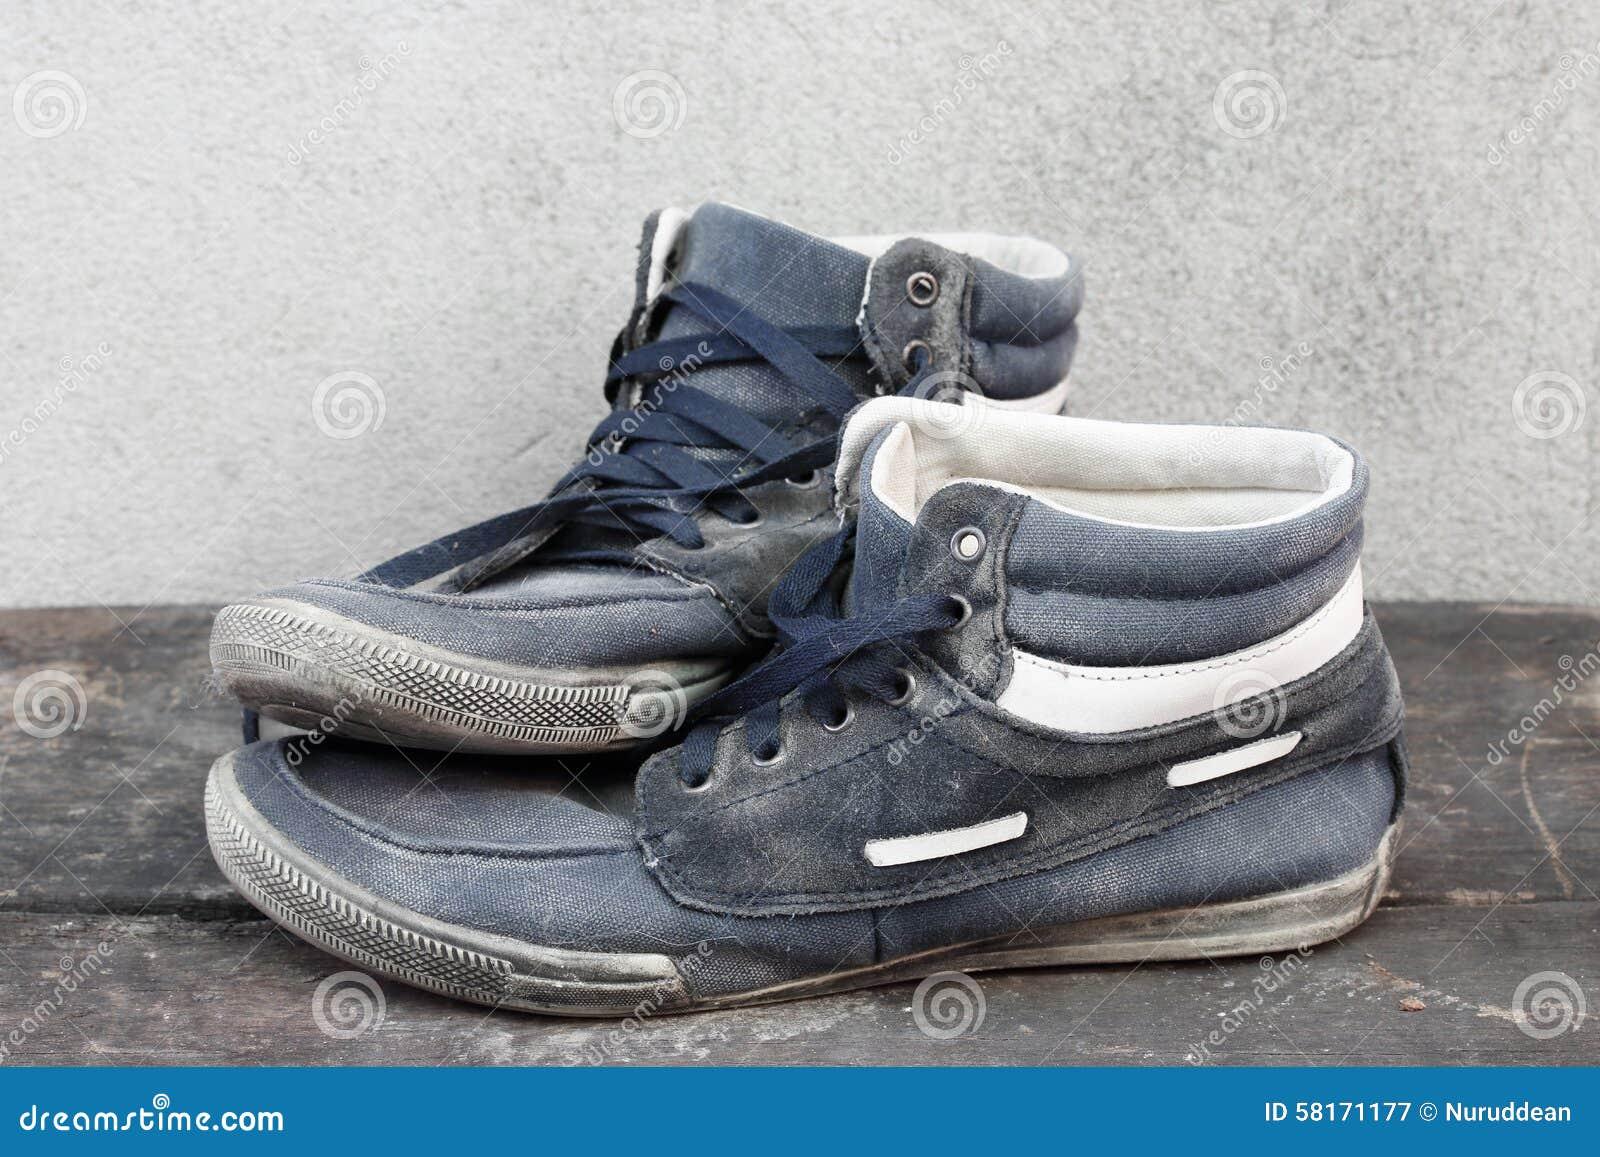 Gebruikte Houten Vloer : Gebruikte oude tennisschoenen op de houten vloer stock afbeelding